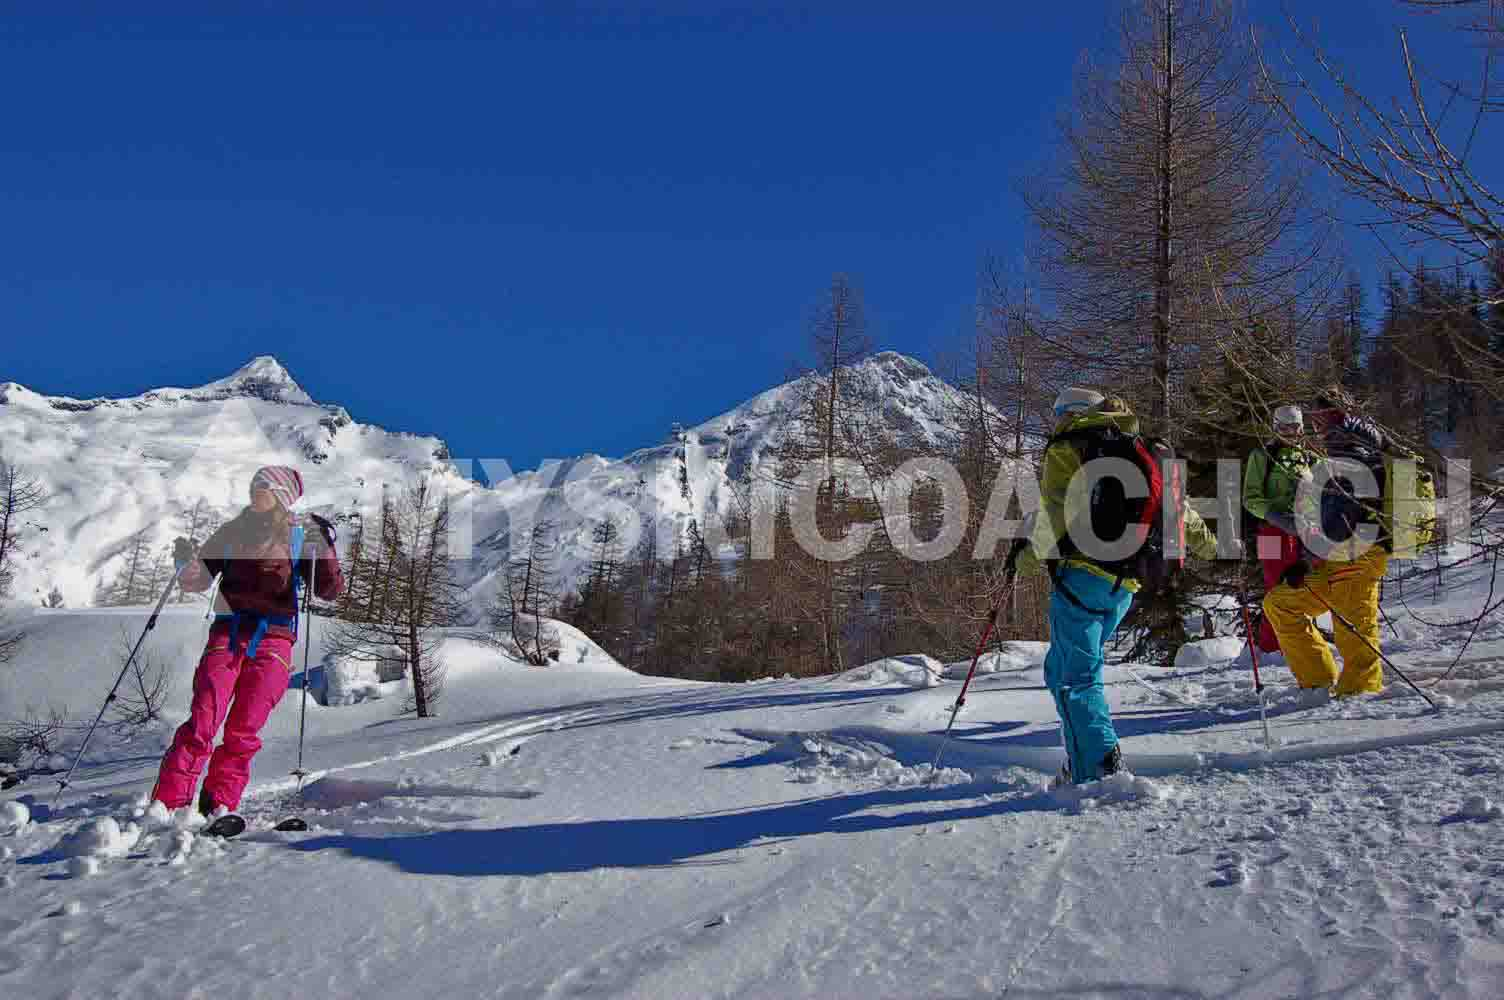 Freeride dames ¦ Cours privé technique du ski hors piste pour les femmes